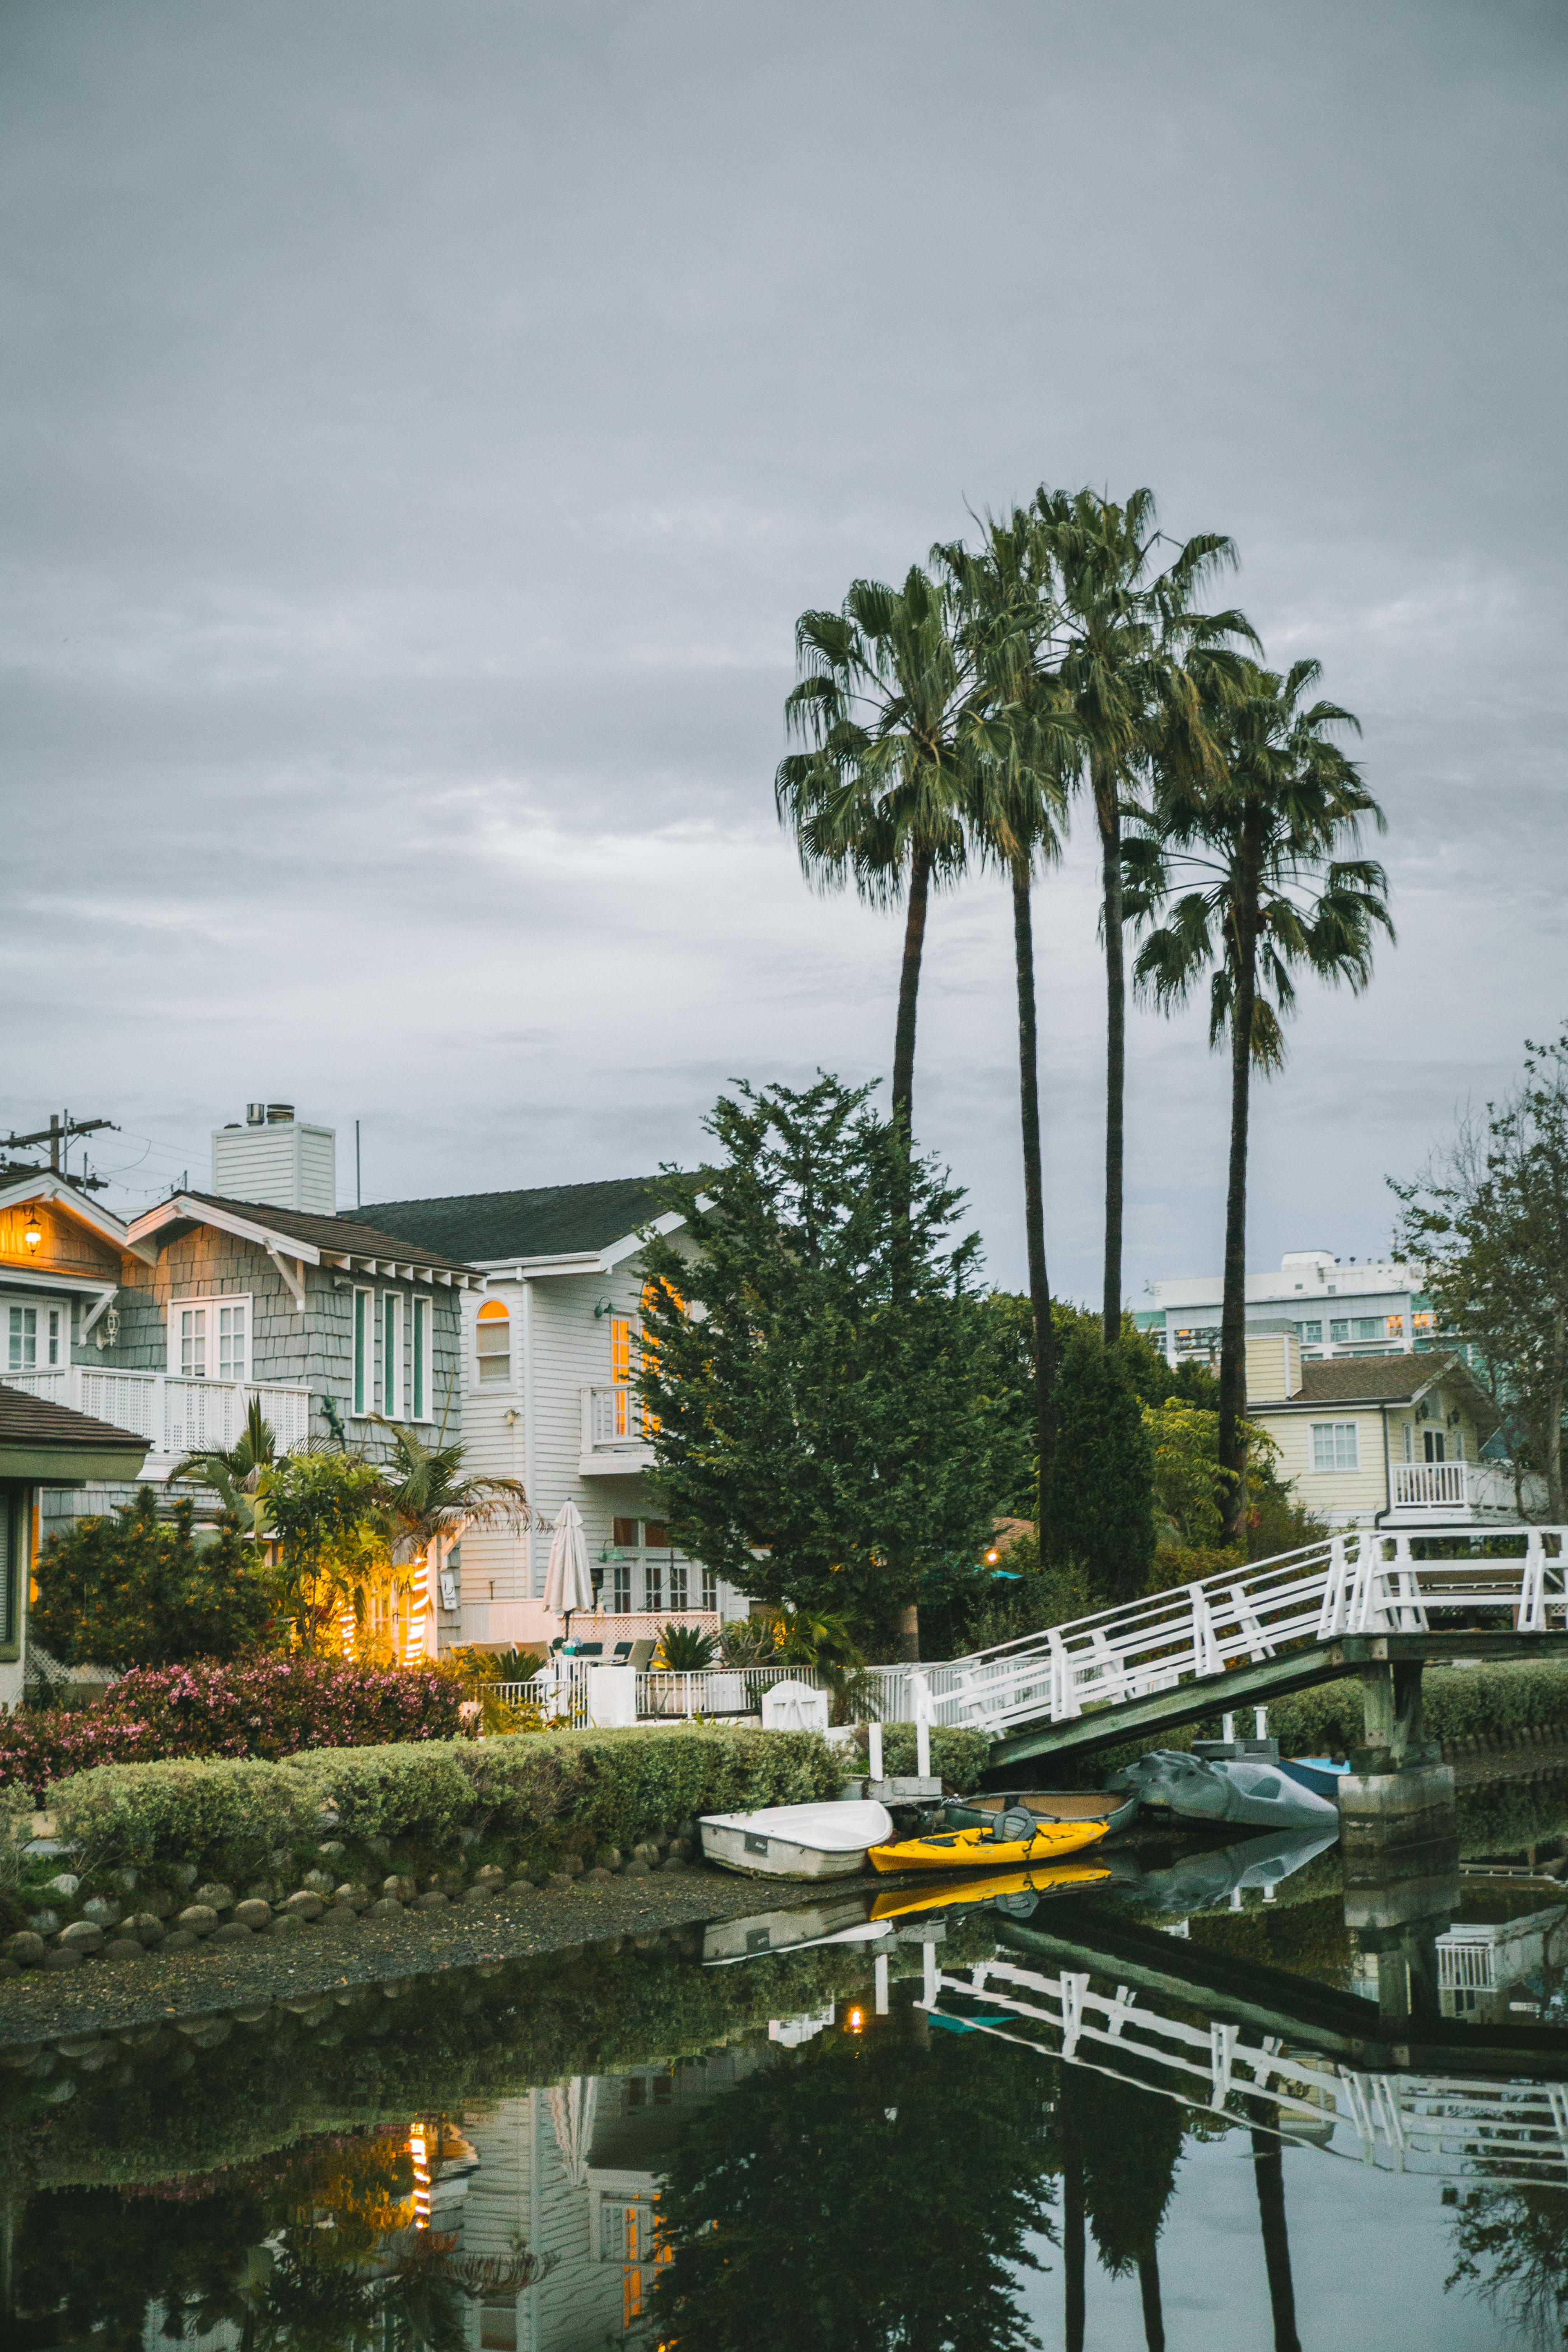 Mégane Arderighi - Voyage Los Angeles